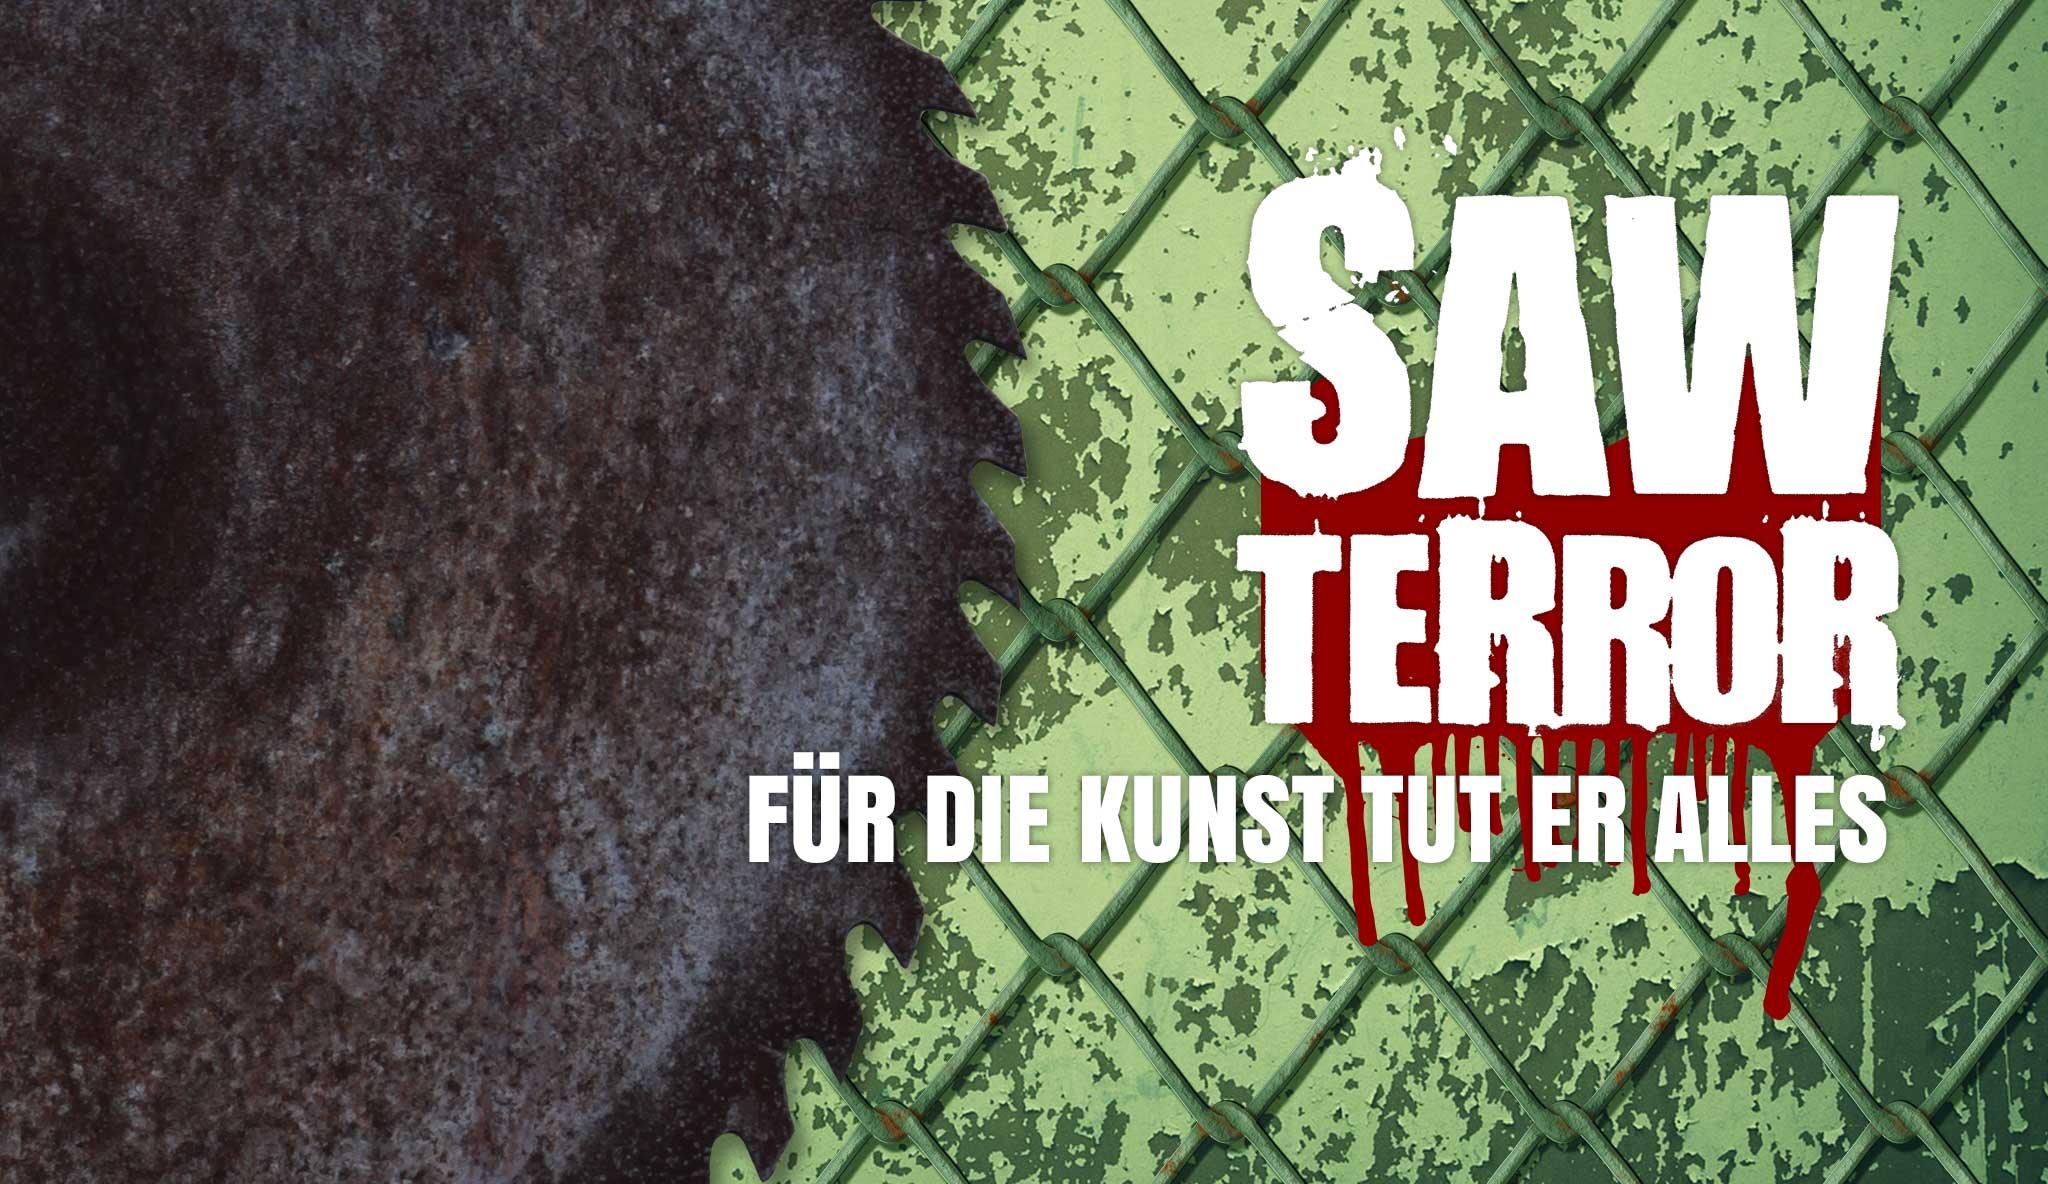 saw-terror-er-macht-keine-gefangenen\header.jpg